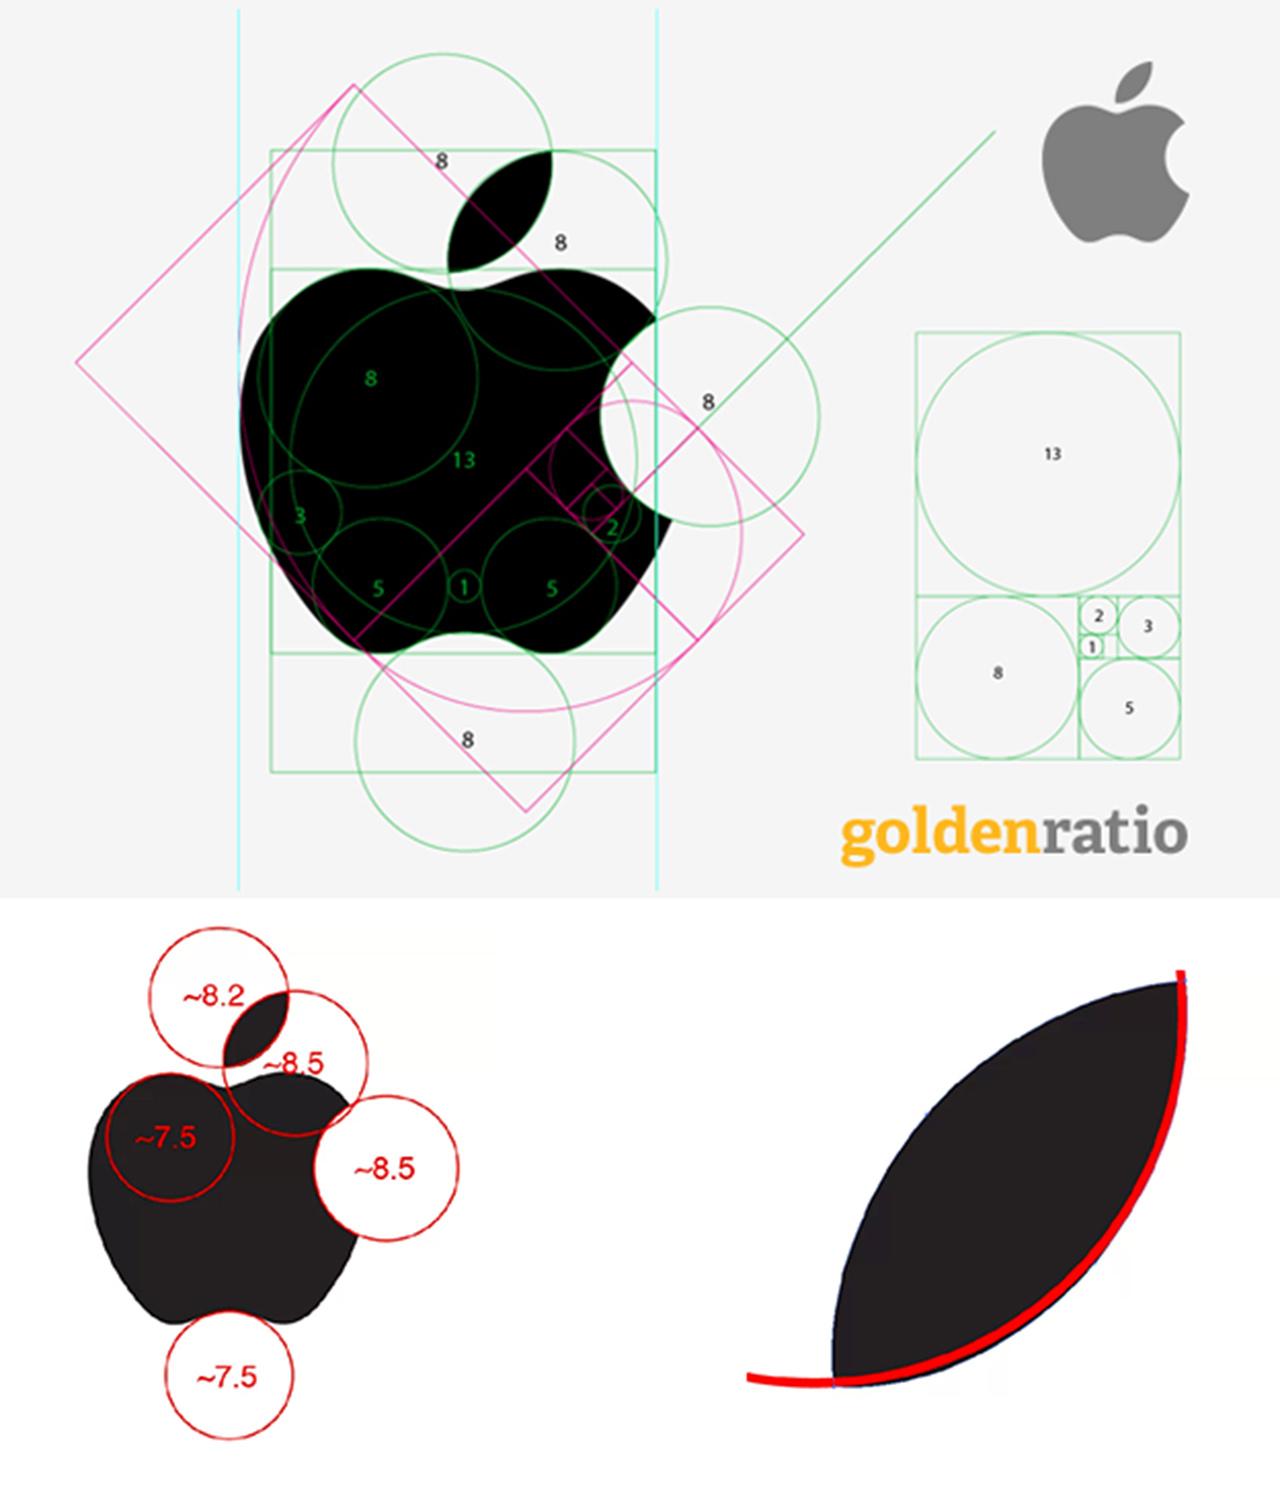 Mit használj és mit ne, ha logó rácsra van szükséged...